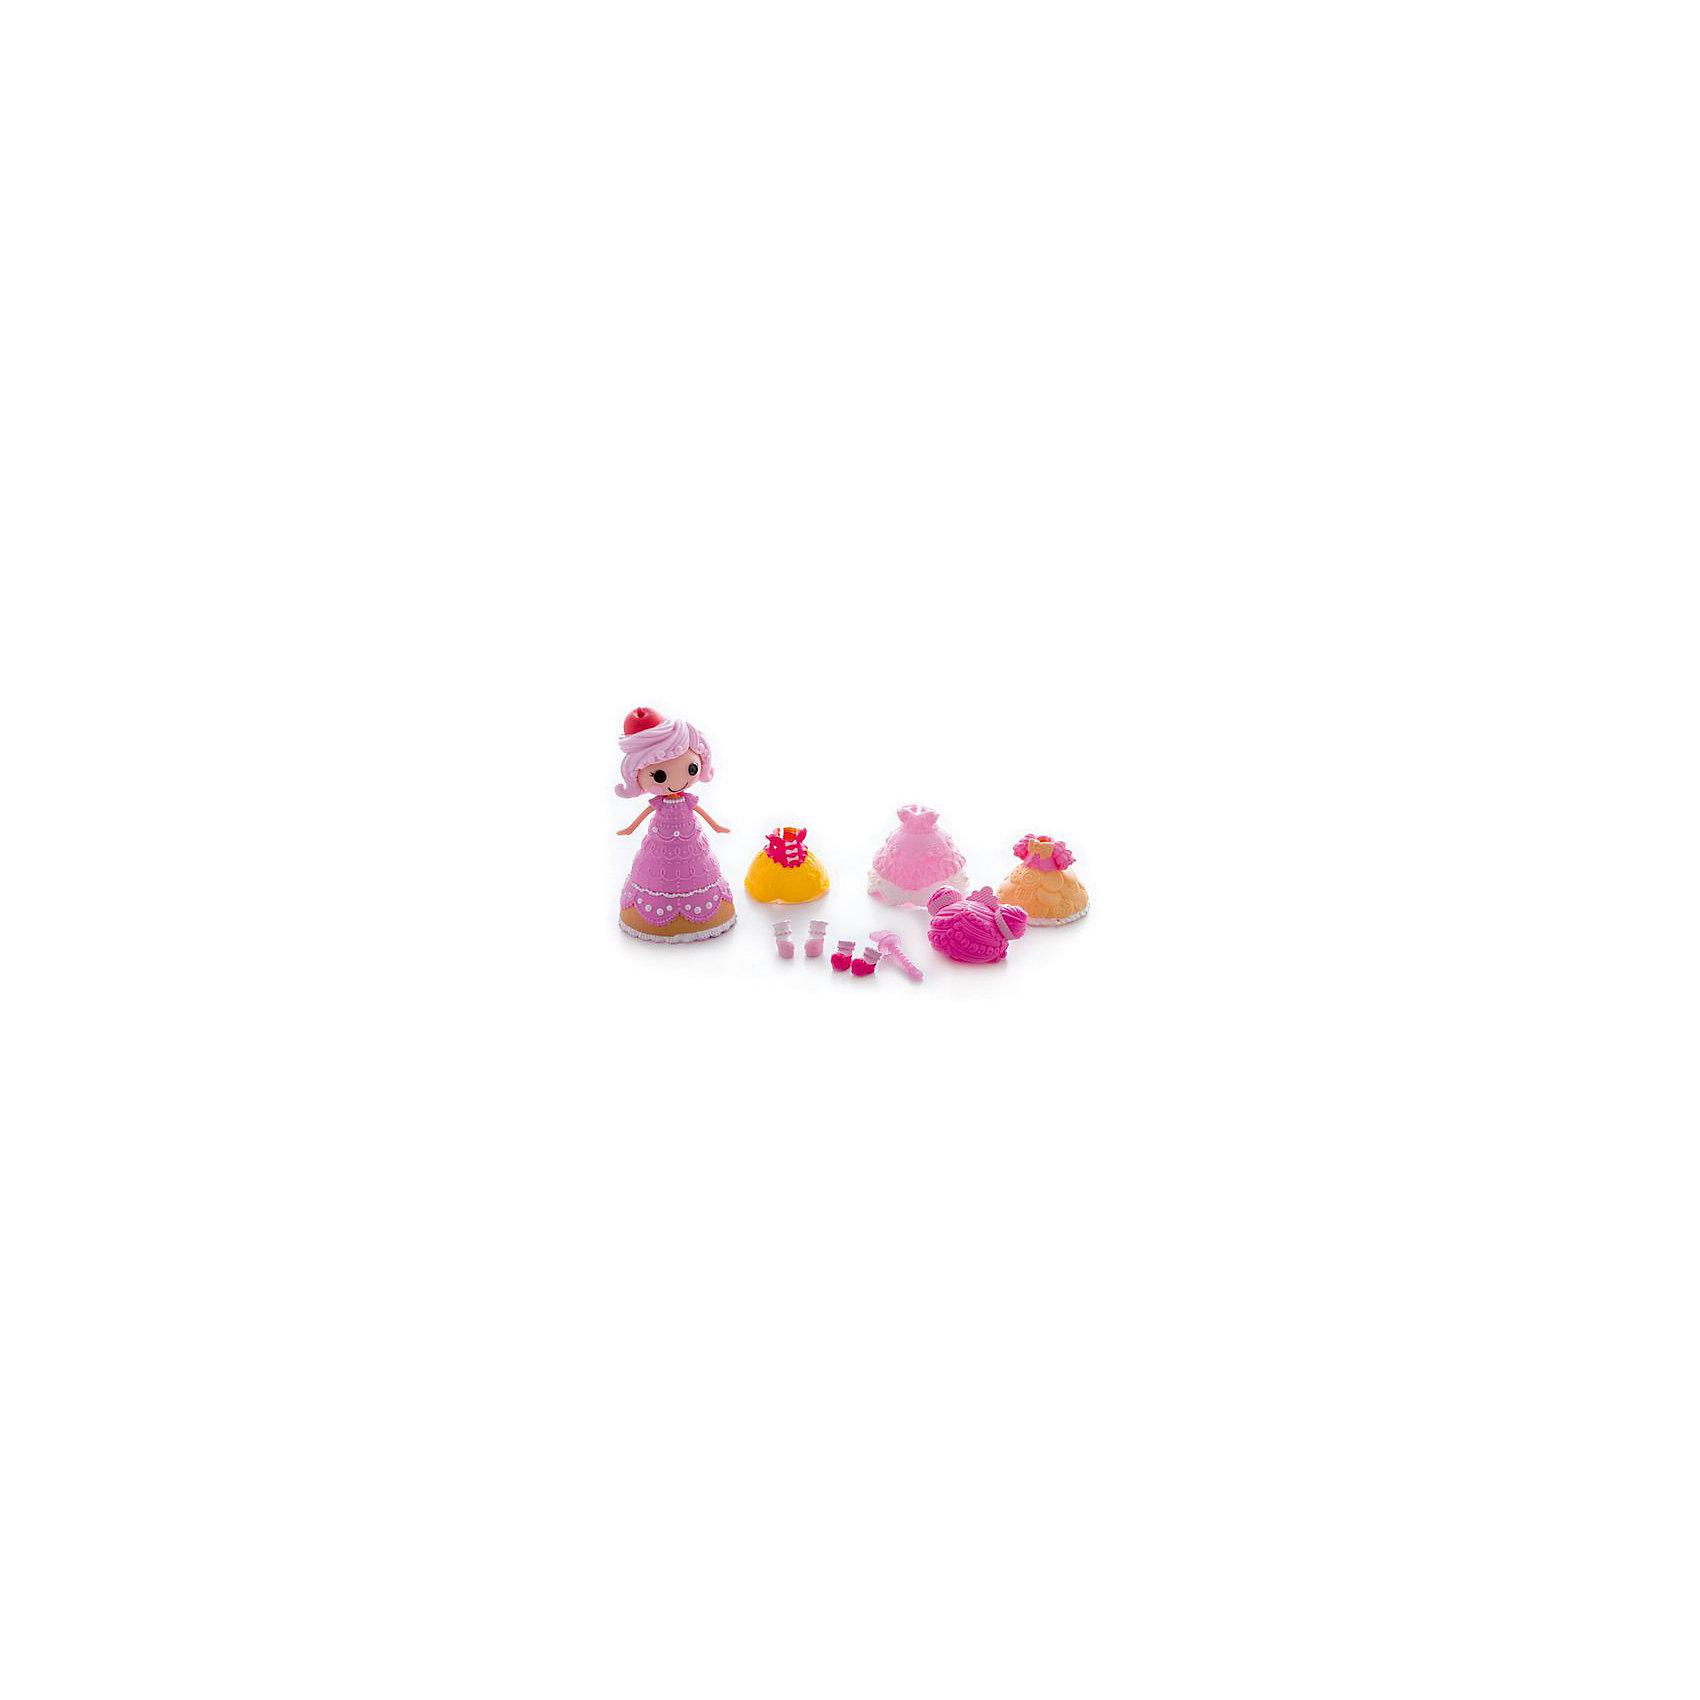 Кукла Крохи, с дополнительными аксессуарами, Мини-ЛалалупсиLalaloopsy<br>Характеристики:<br><br>• Предназначение: для сюжетно-ролевых игр<br>• Пол: для девочек<br>• Коллекция: Мини-Лалалупси<br>• Рост куклы: 7 см<br>• Цвет: розовый, желтый, белый<br>• Материал: пластик, пластизоль<br>• Комплектация: кукла, три сменных наряда и аксессуары<br>• Бальное платье меняет цвет<br>• Вес: 163 г<br>• Размеры упаковки (Д*В*Ш): 20*6*21 см<br>• Упаковка: блистер на картоне с европодвесом <br>• Особенности ухода: разрешается мыть в теплой мыльной воде<br><br>Кукла Крохи, с дополнительными аксессуарами, Мини-Лалалупси – это очаровательная малышка, производителем которой является MGA Entertainment. Куколка и все аксессуары выполнены из пластика и пластизоля, которые отвечают международным стандартам качества и безопасности.  Элементы игрового набора окрашены нетоксичными красками. Использованный пластик устойчив к ударам и появлениям царапин, при длительной эксплуатации цвет элементов не изменяется. Набор состоит из мини-куколки Лалалупси в образе Сладкоежки, трех сменных платьев, трех париков, башмачков и волшебной палочки. <br><br>Бальное платье Сладкоежки может изменять цвет, для этого его достаточно опустить в холодную воду. Все элементы наборы выполнены с высокой степенью детализации. Сюжетно-ролевые игры с куклой Крохи, с дополнительными аксессуарами, Мини-Лалалупси будут способствовать развитию воображения, фантазии и формированию стиля и вкуса у вашей девочки. Кроме того, такой набор удобно брать с собой в поездки и путешествия, так как он имеет компактный размер и занимает мало места.<br><br>Куклу Крохи, с дополнительными аксессуарами, Мини-Лалалупси можно купить в нашем интернет-магазине.<br><br>Ширина мм: 200<br>Глубина мм: 210<br>Высота мм: 60<br>Вес г: 163<br>Возраст от месяцев: 36<br>Возраст до месяцев: 2147483647<br>Пол: Женский<br>Возраст: Детский<br>SKU: 5308984